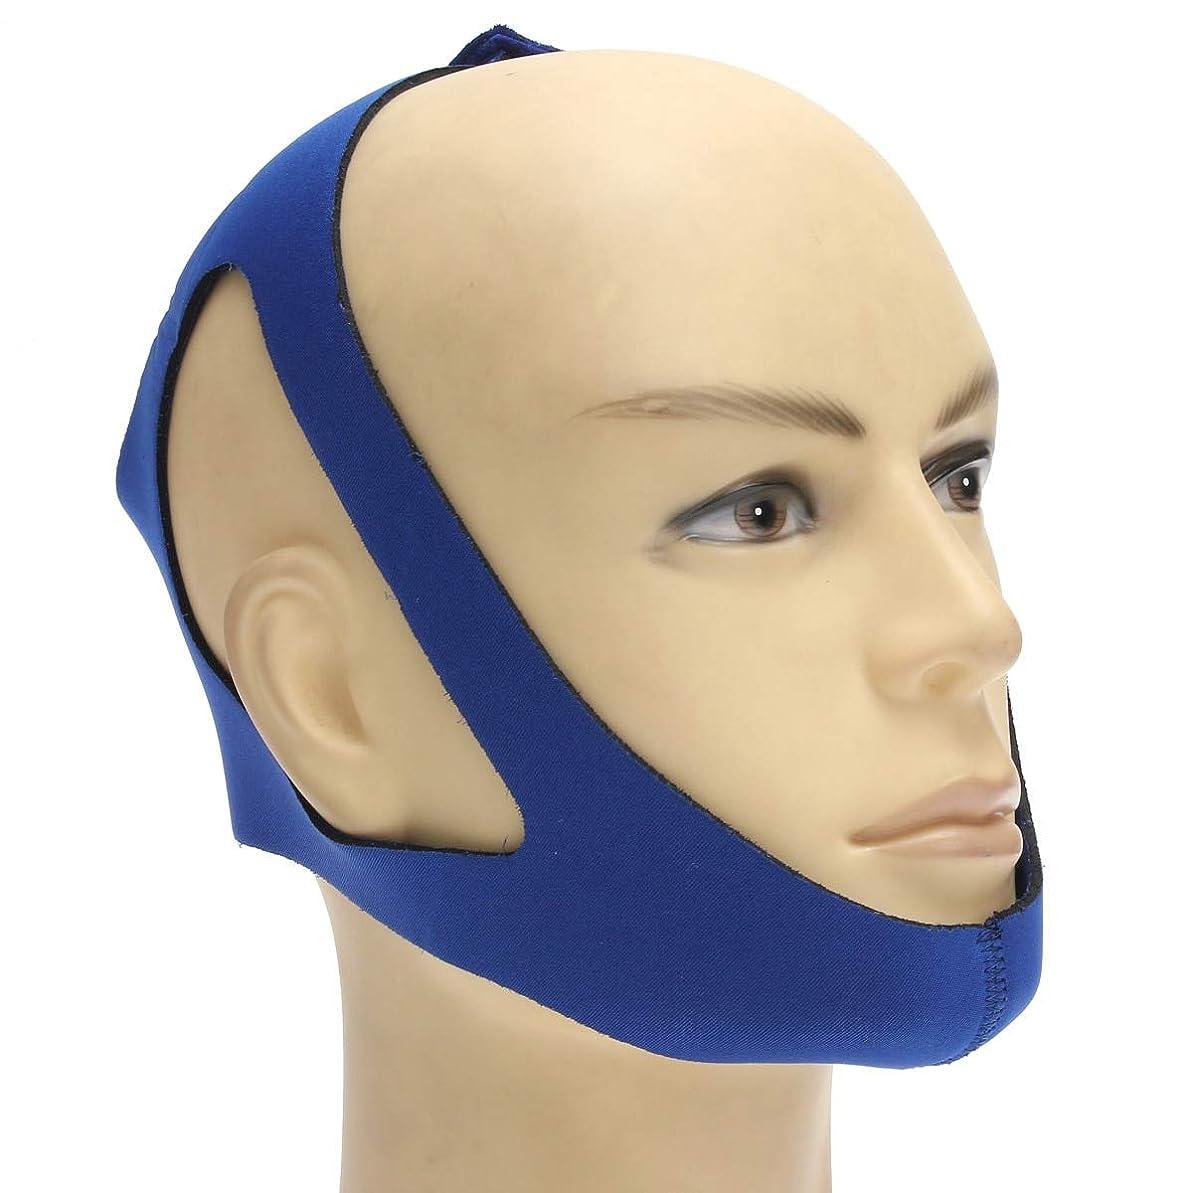 NOTE 抗いびきヘッドバンドいびきベルト停止いびき顎サポートストラップブレースデバイス睡眠マスクヘルスケア睡眠ツール用女性男